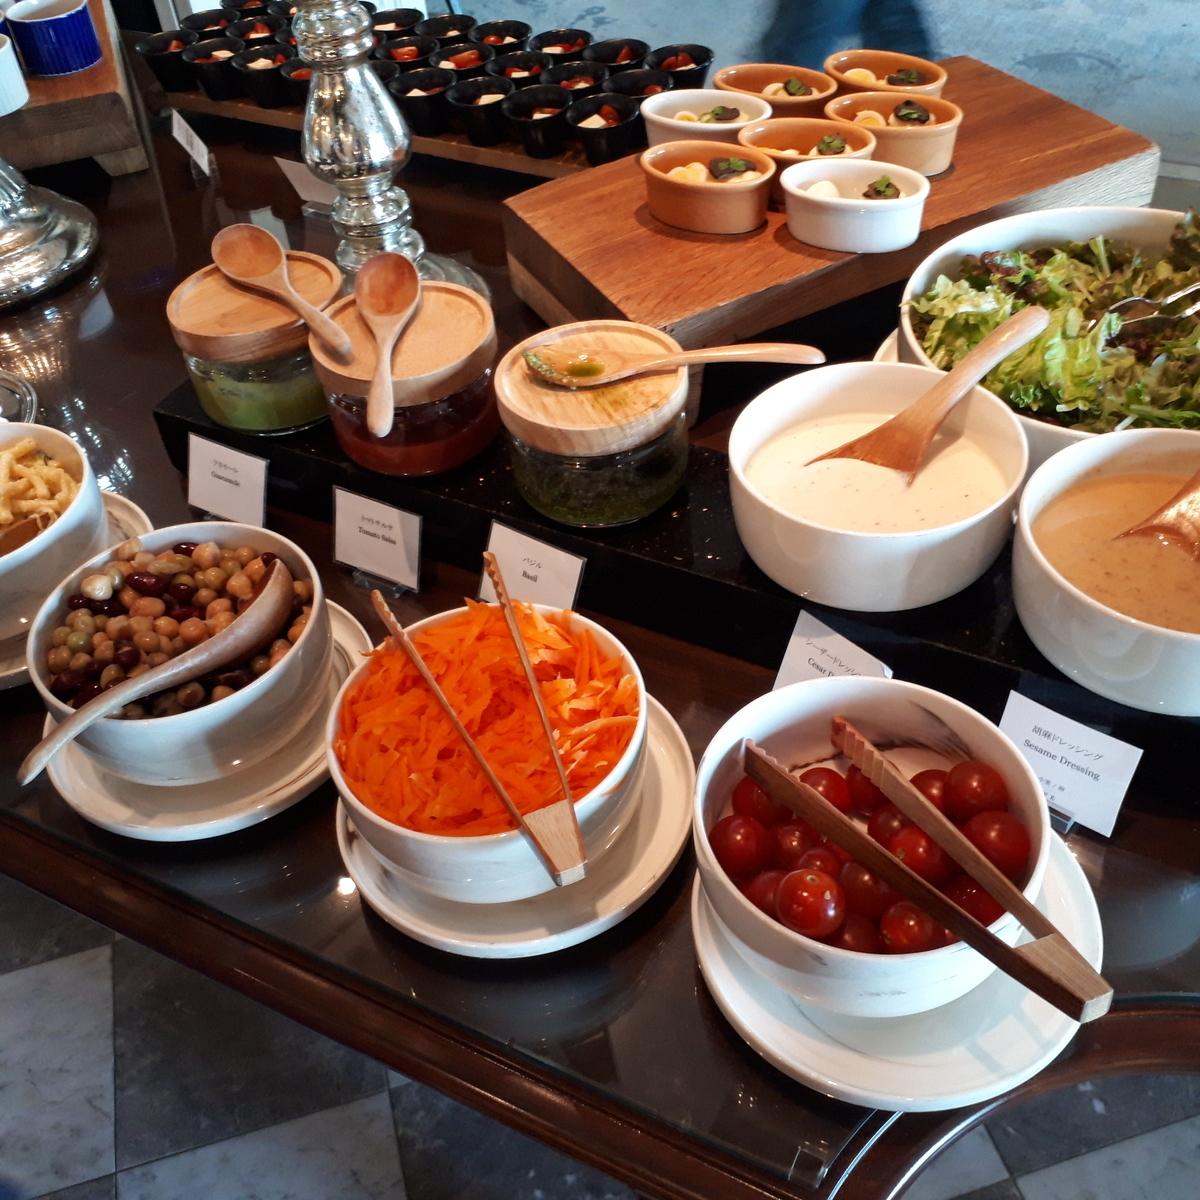 リッツカールトン大阪 クラブラウンジ 夕食前の前菜 サラダ